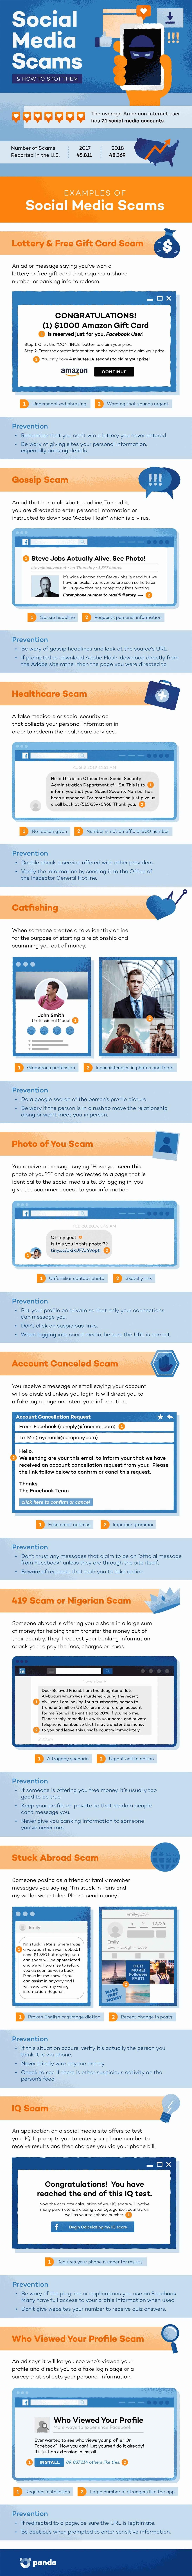 Social Scams info